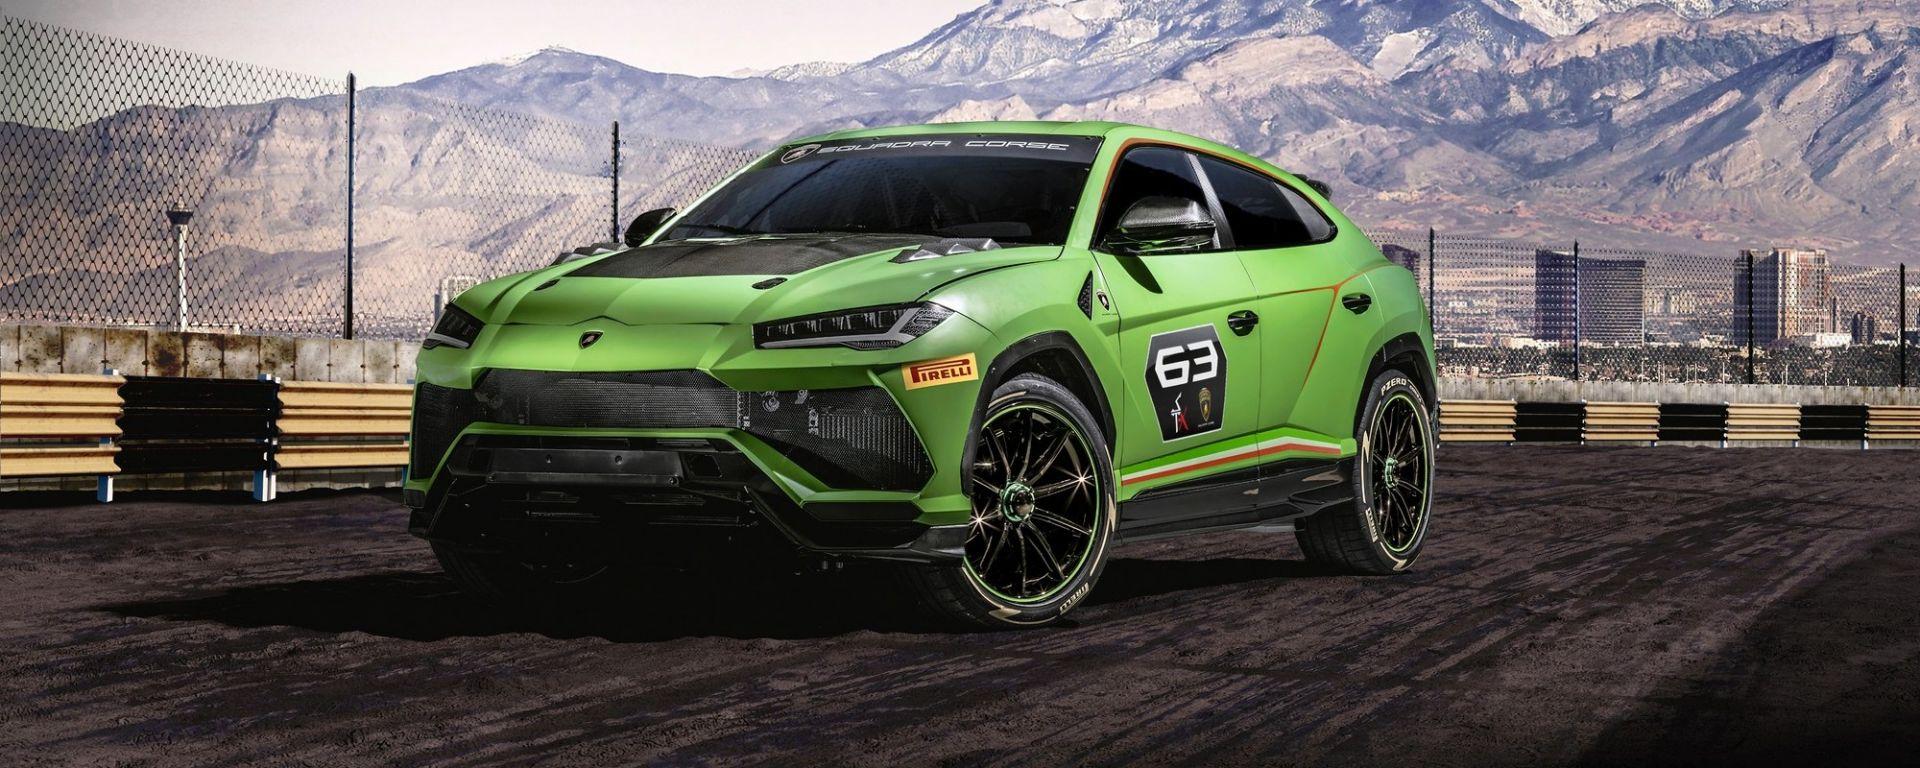 Lamborghini Urus ST-X concept, la Urus da corsa